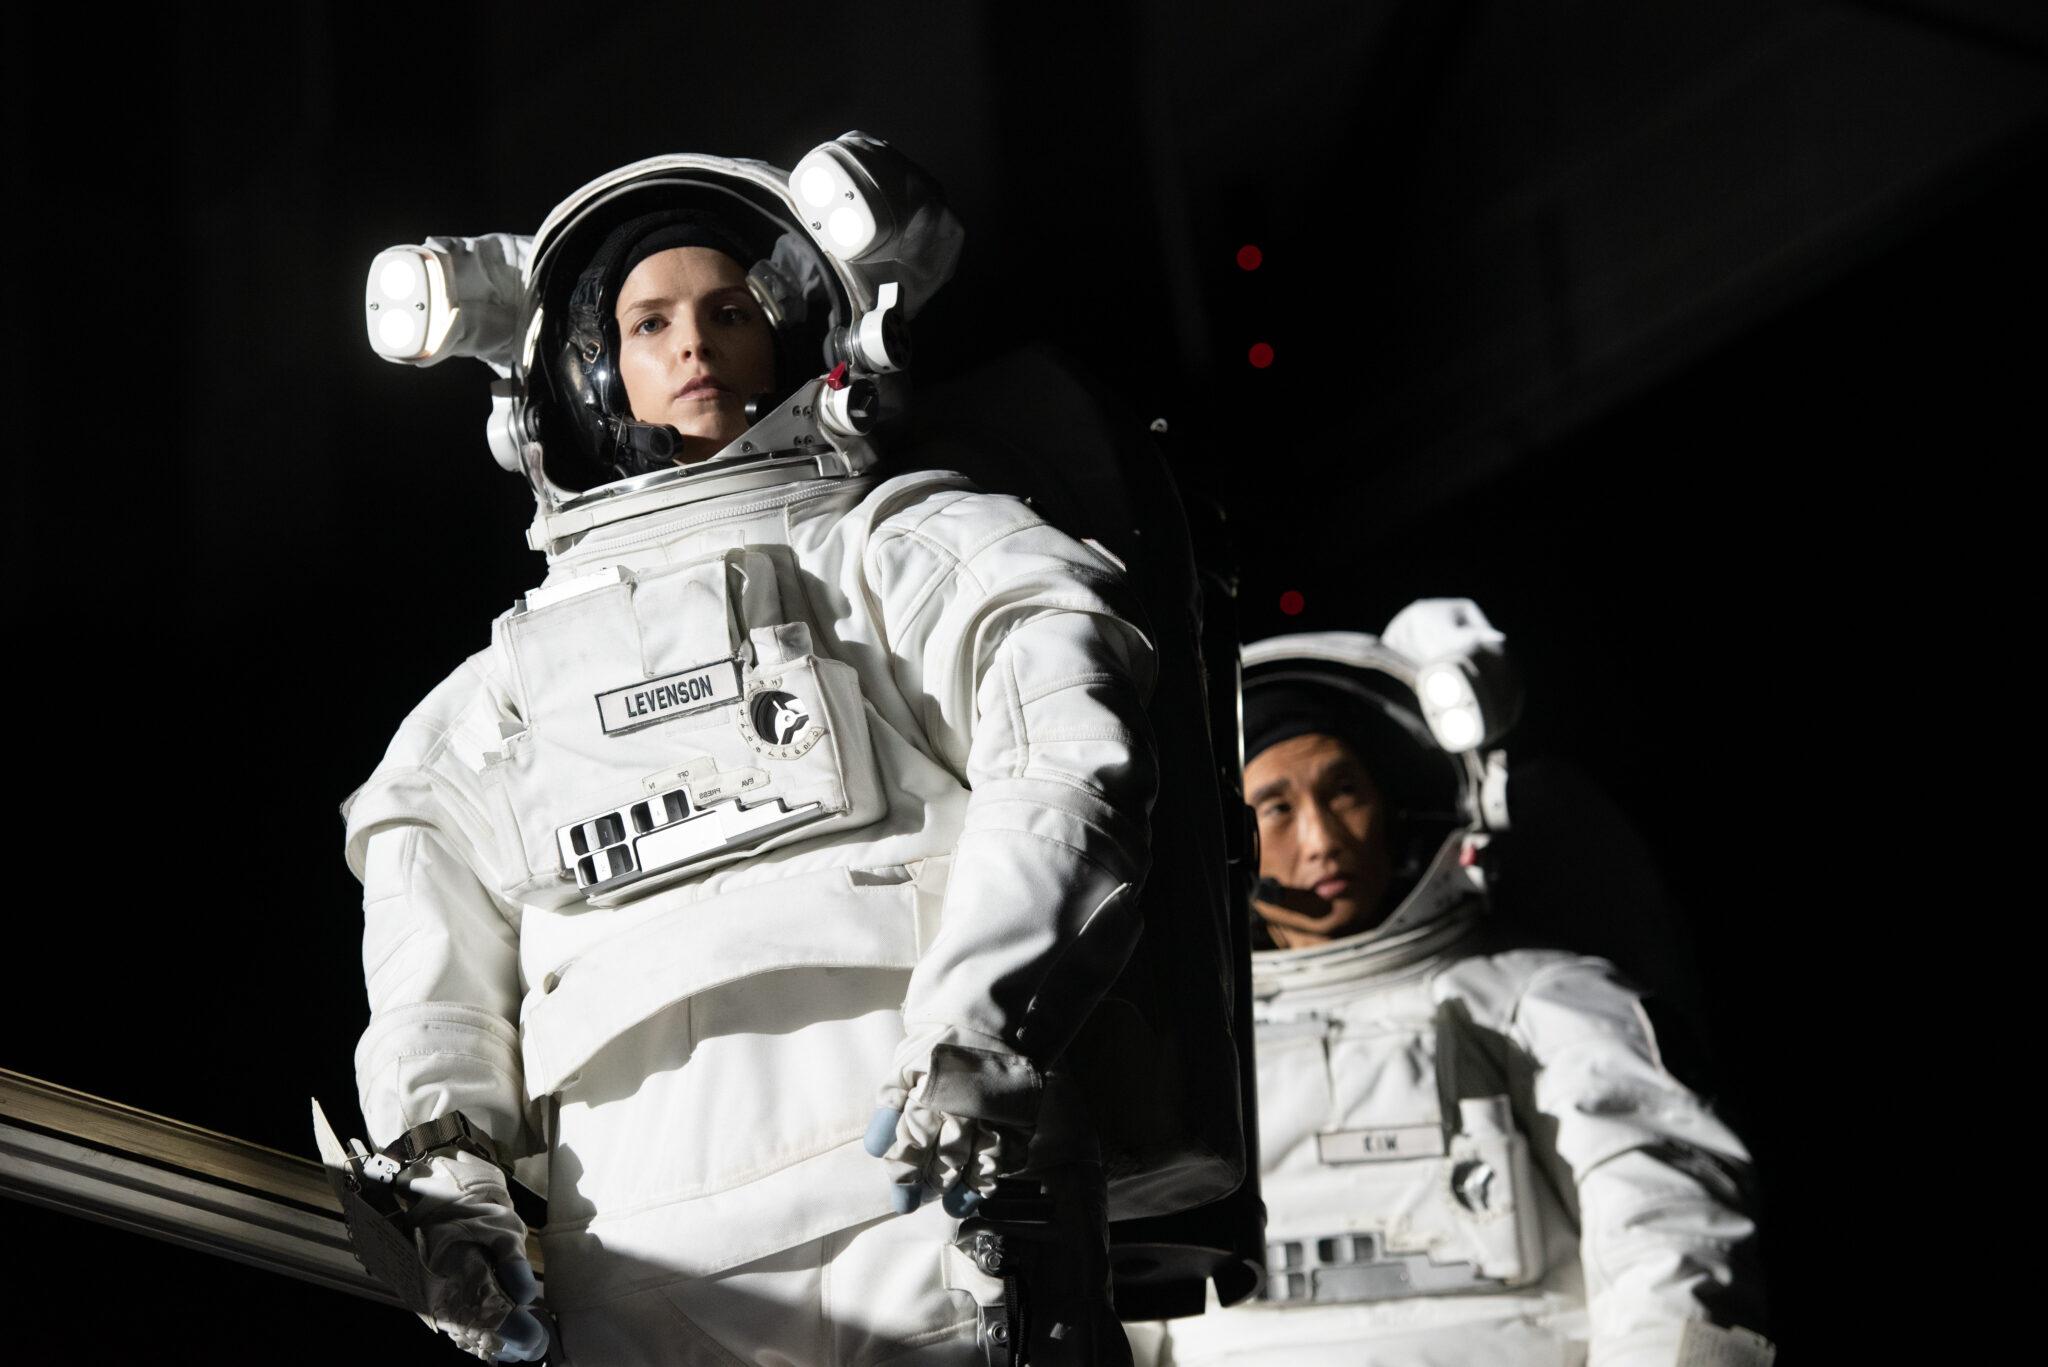 Anna Kendrick und Daniel Dae Kim in ihren weißen Astronautenanzügen hintereinander vor dem schwarzen Hintergrund des Weltalls.